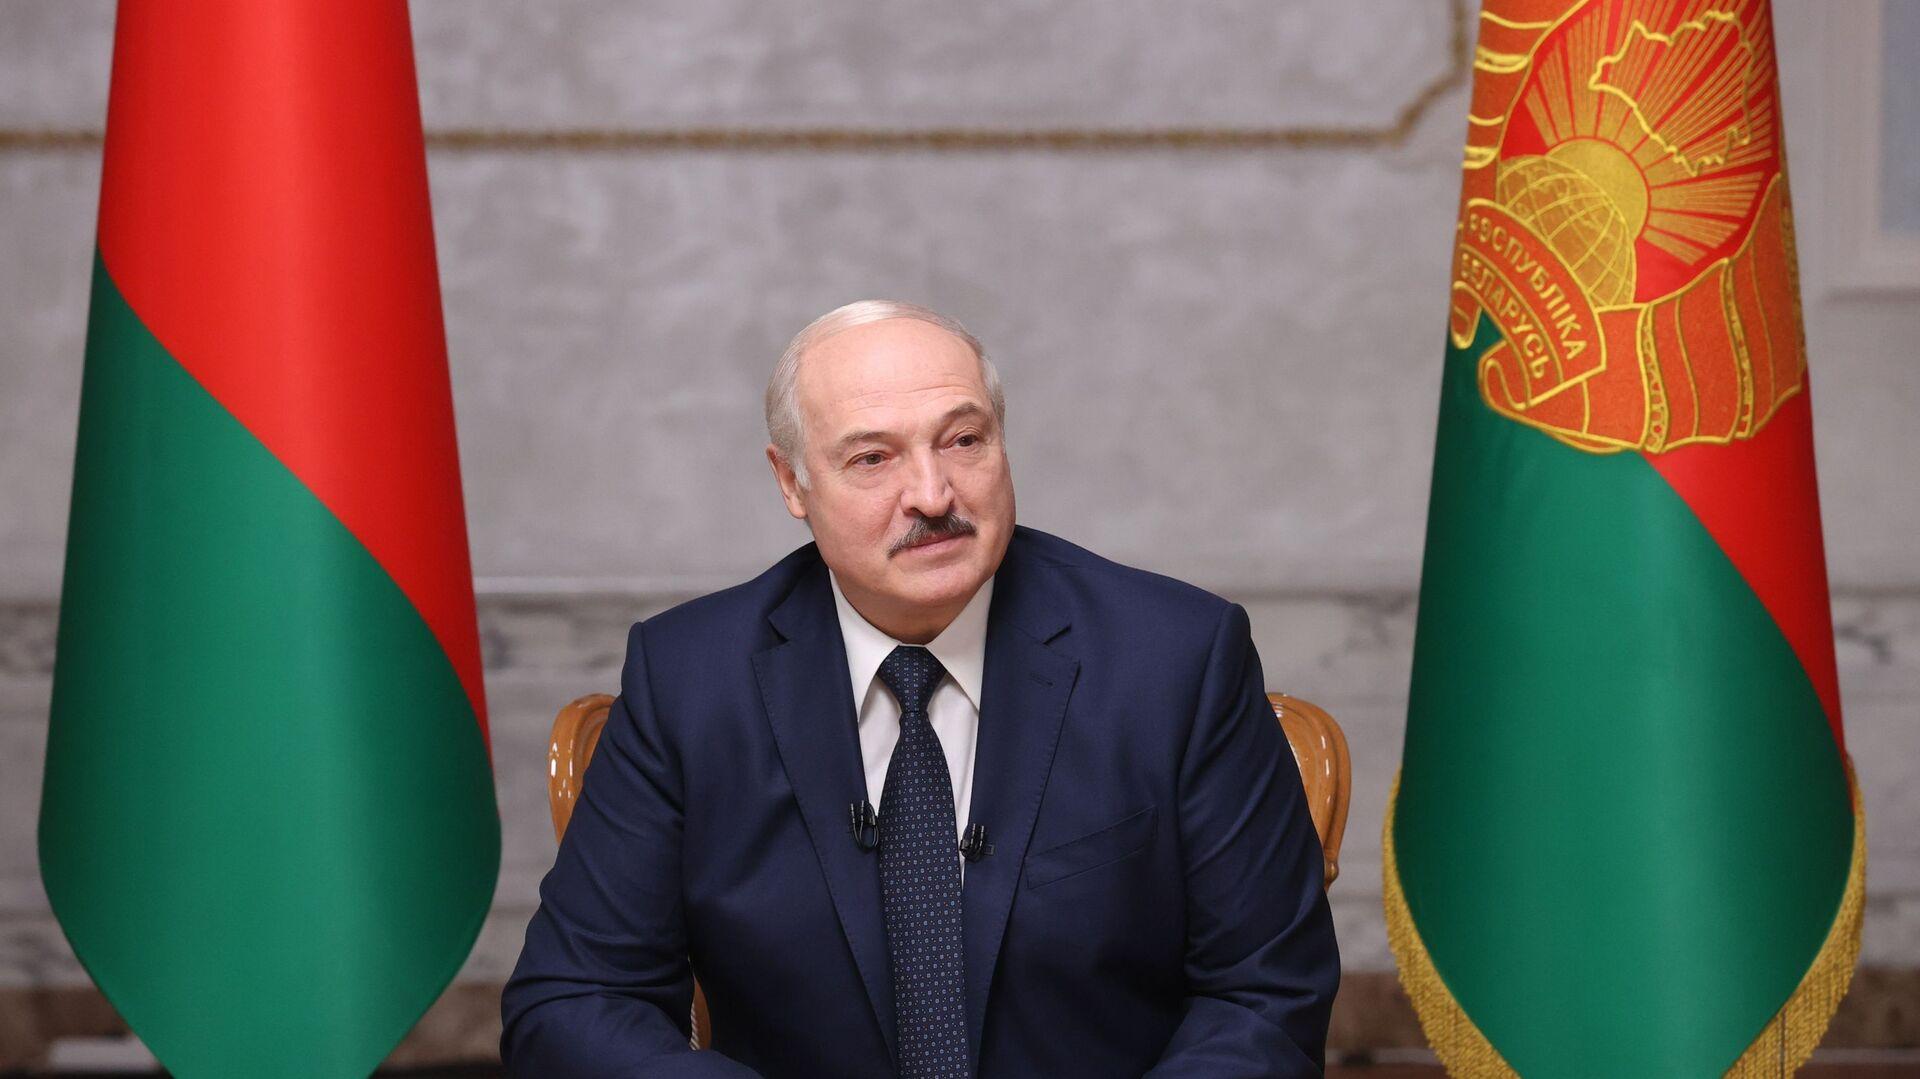 Predsednik Belorusije Aleksandar Lukašenko - Sputnik Srbija, 1920, 18.09.2021